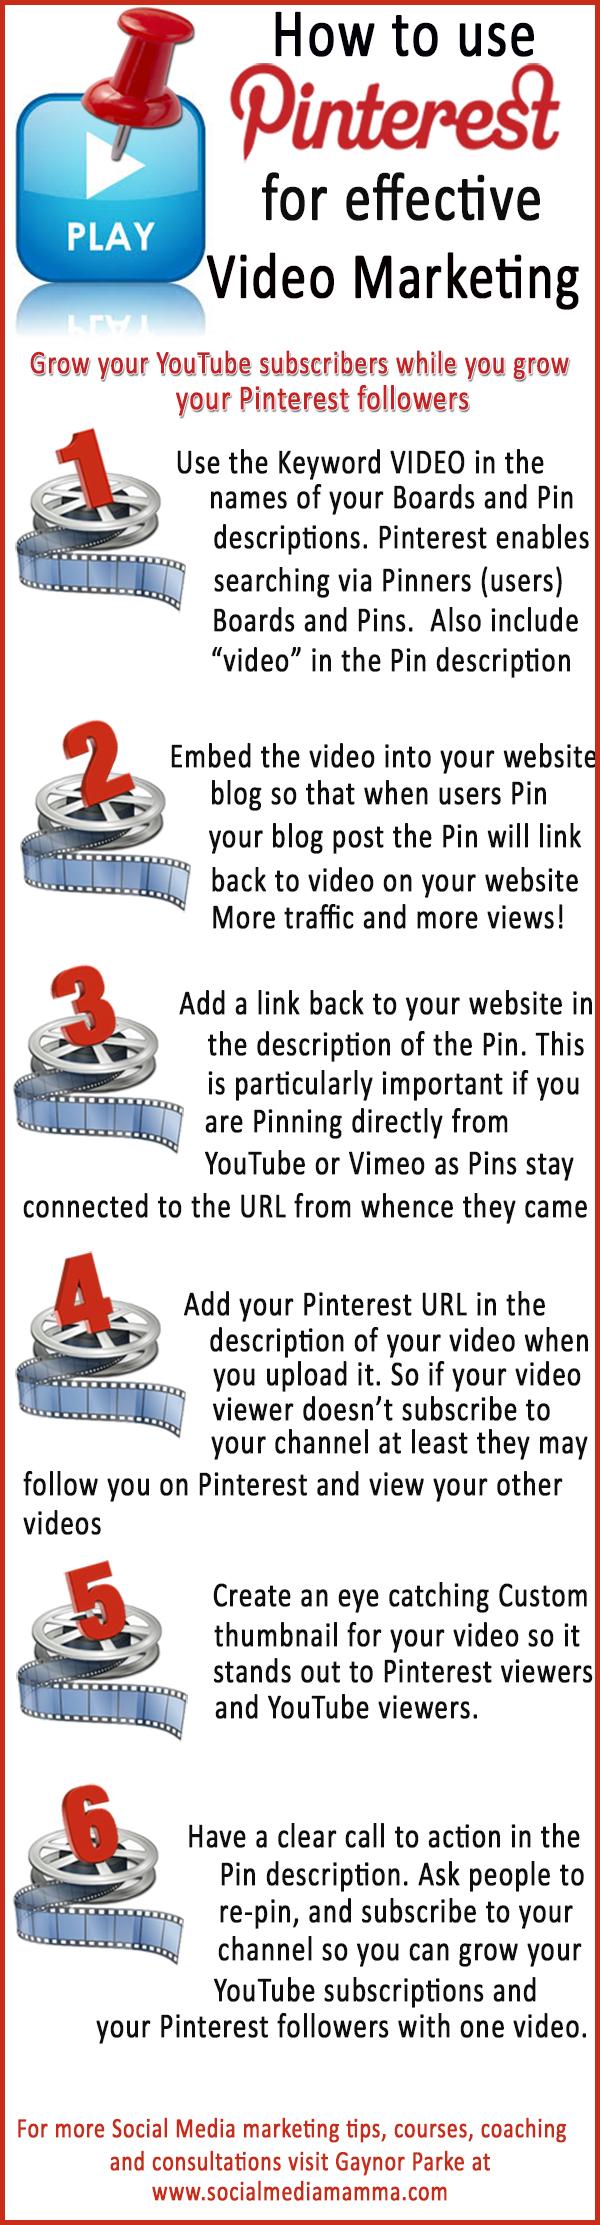 Cómo usar Pinterest para vídeo marketing efectivo